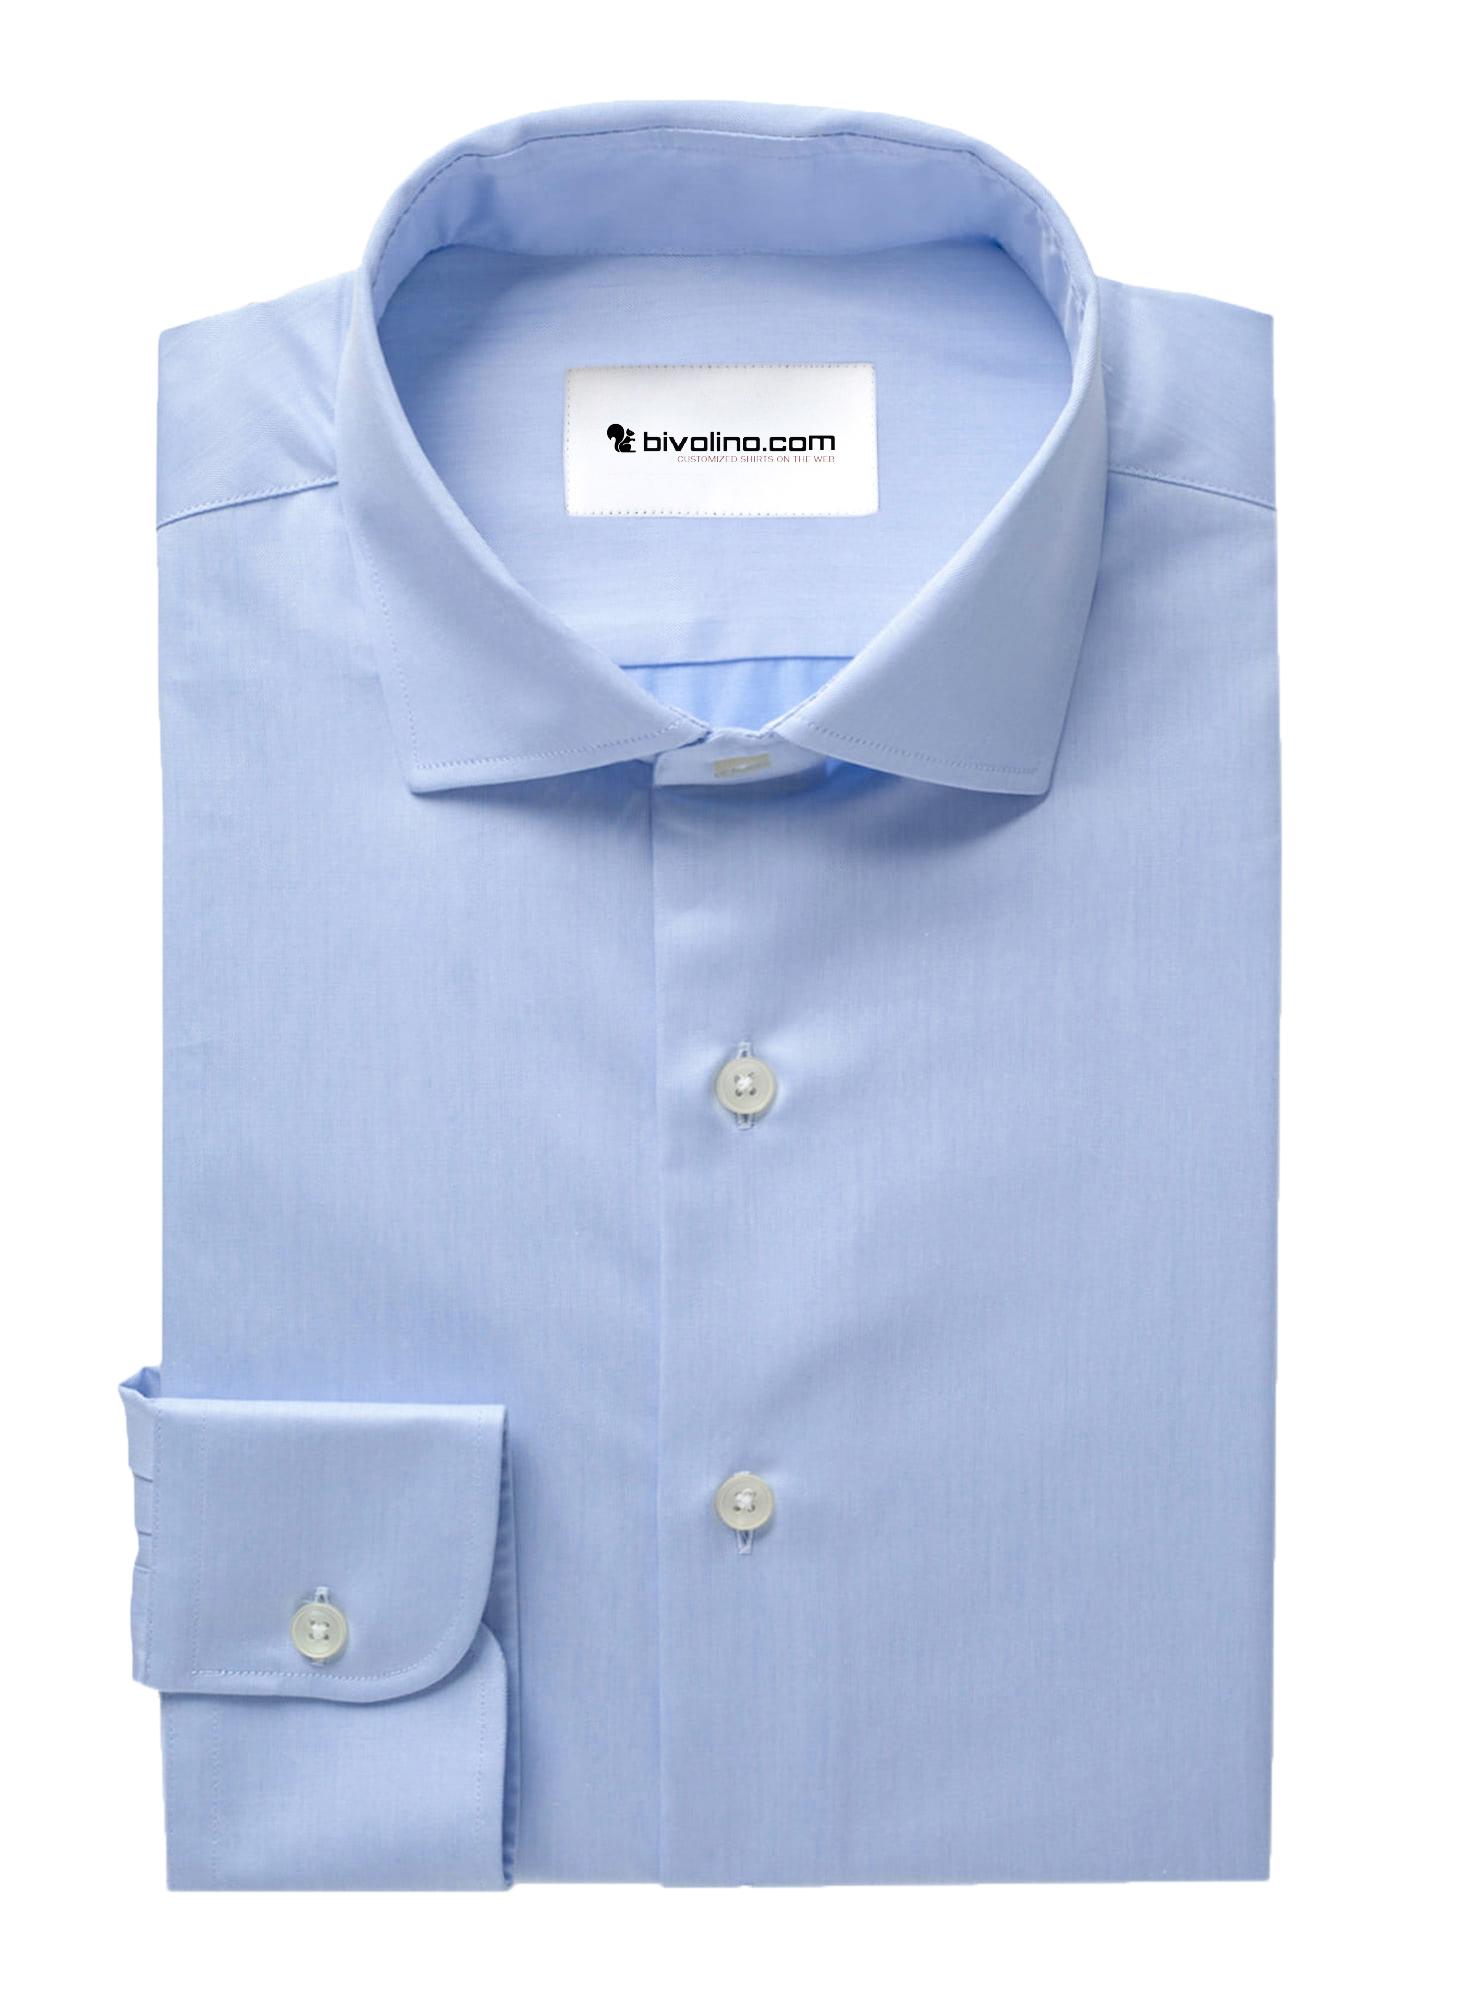 PRISARIO - hemelsblauwe visgraat hemd - PEGLI 2